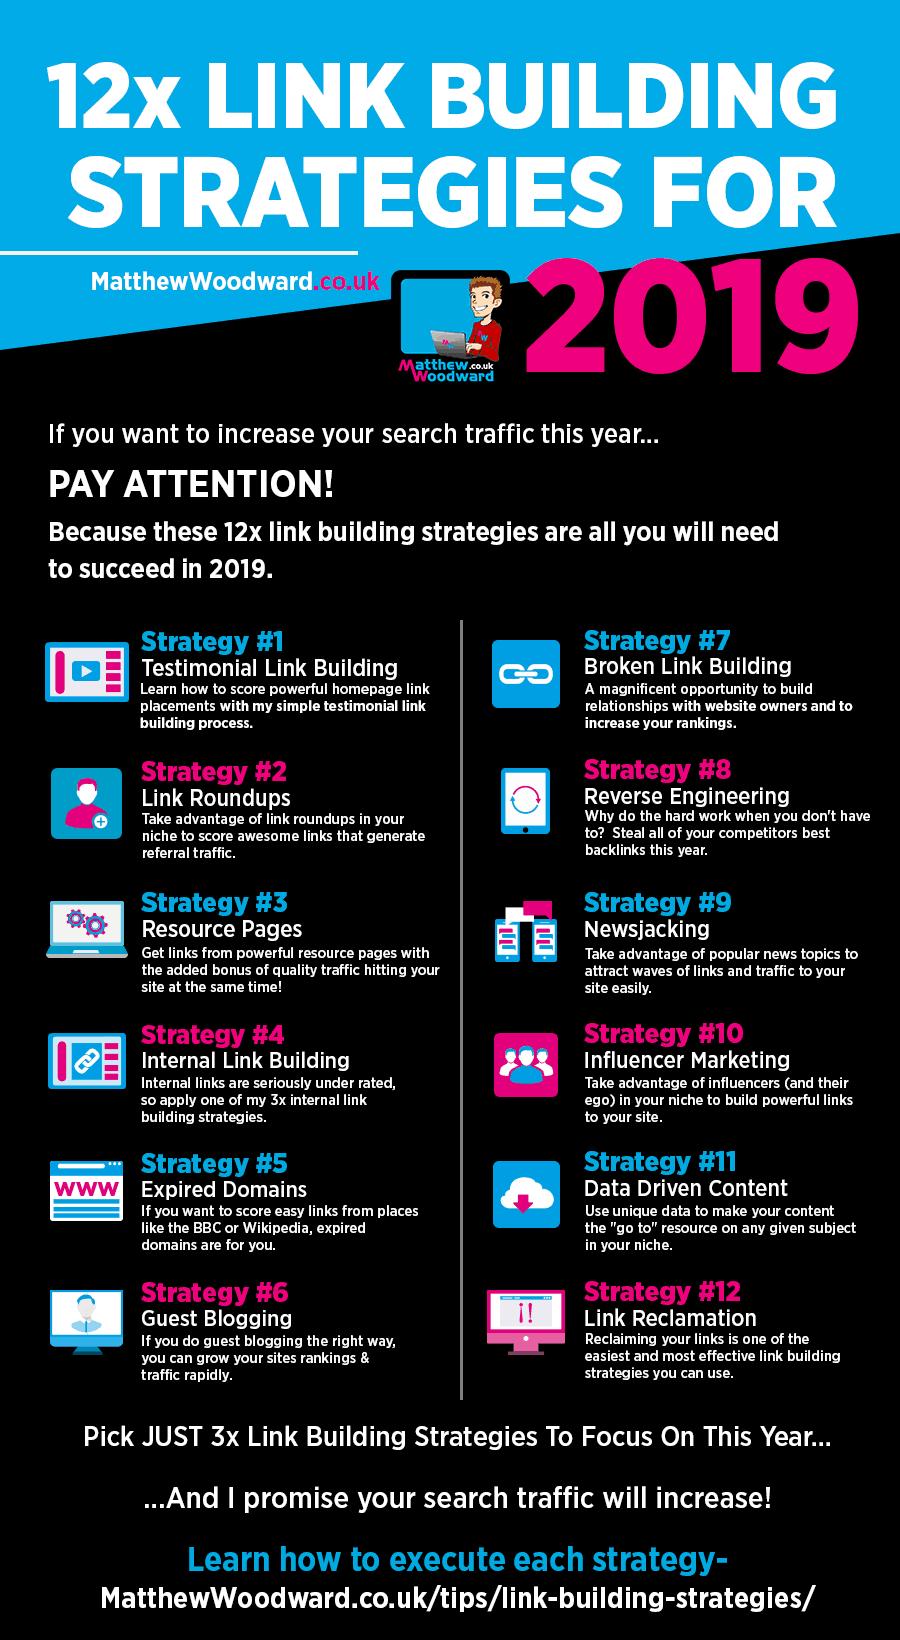 estrategias de link building infografia